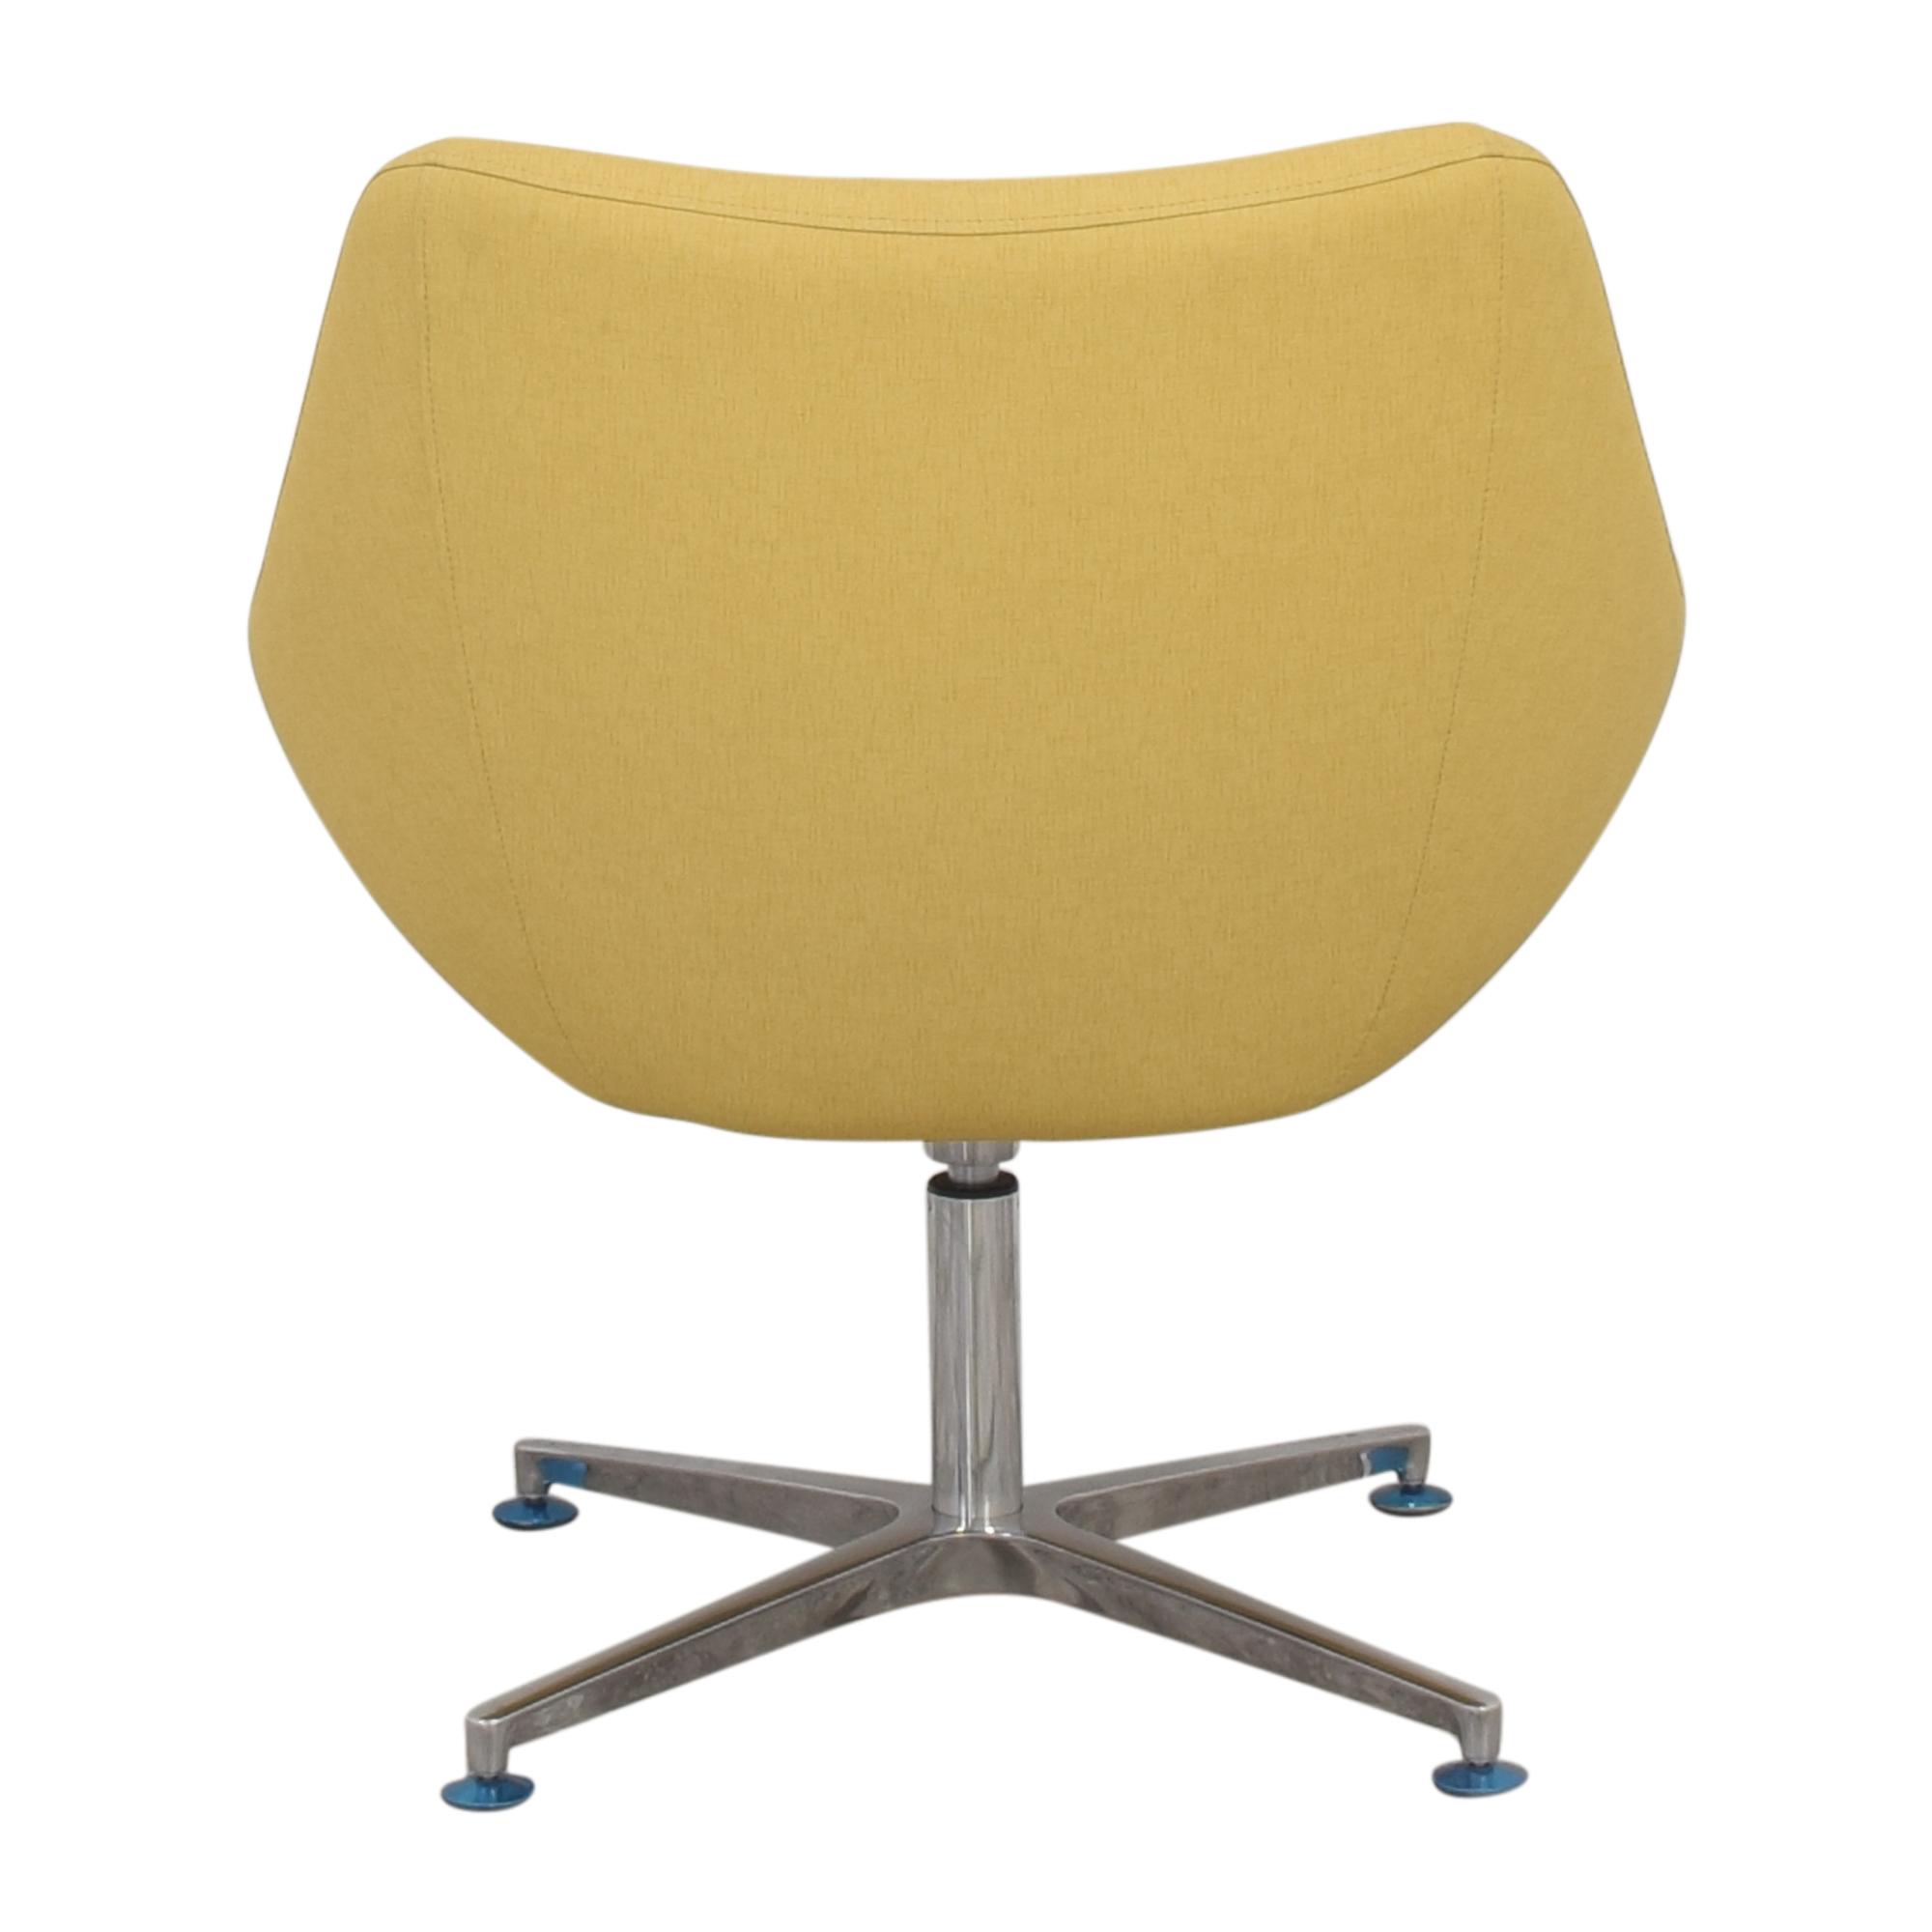 Kimball Kimball Bloom Swivel Lounge Chair